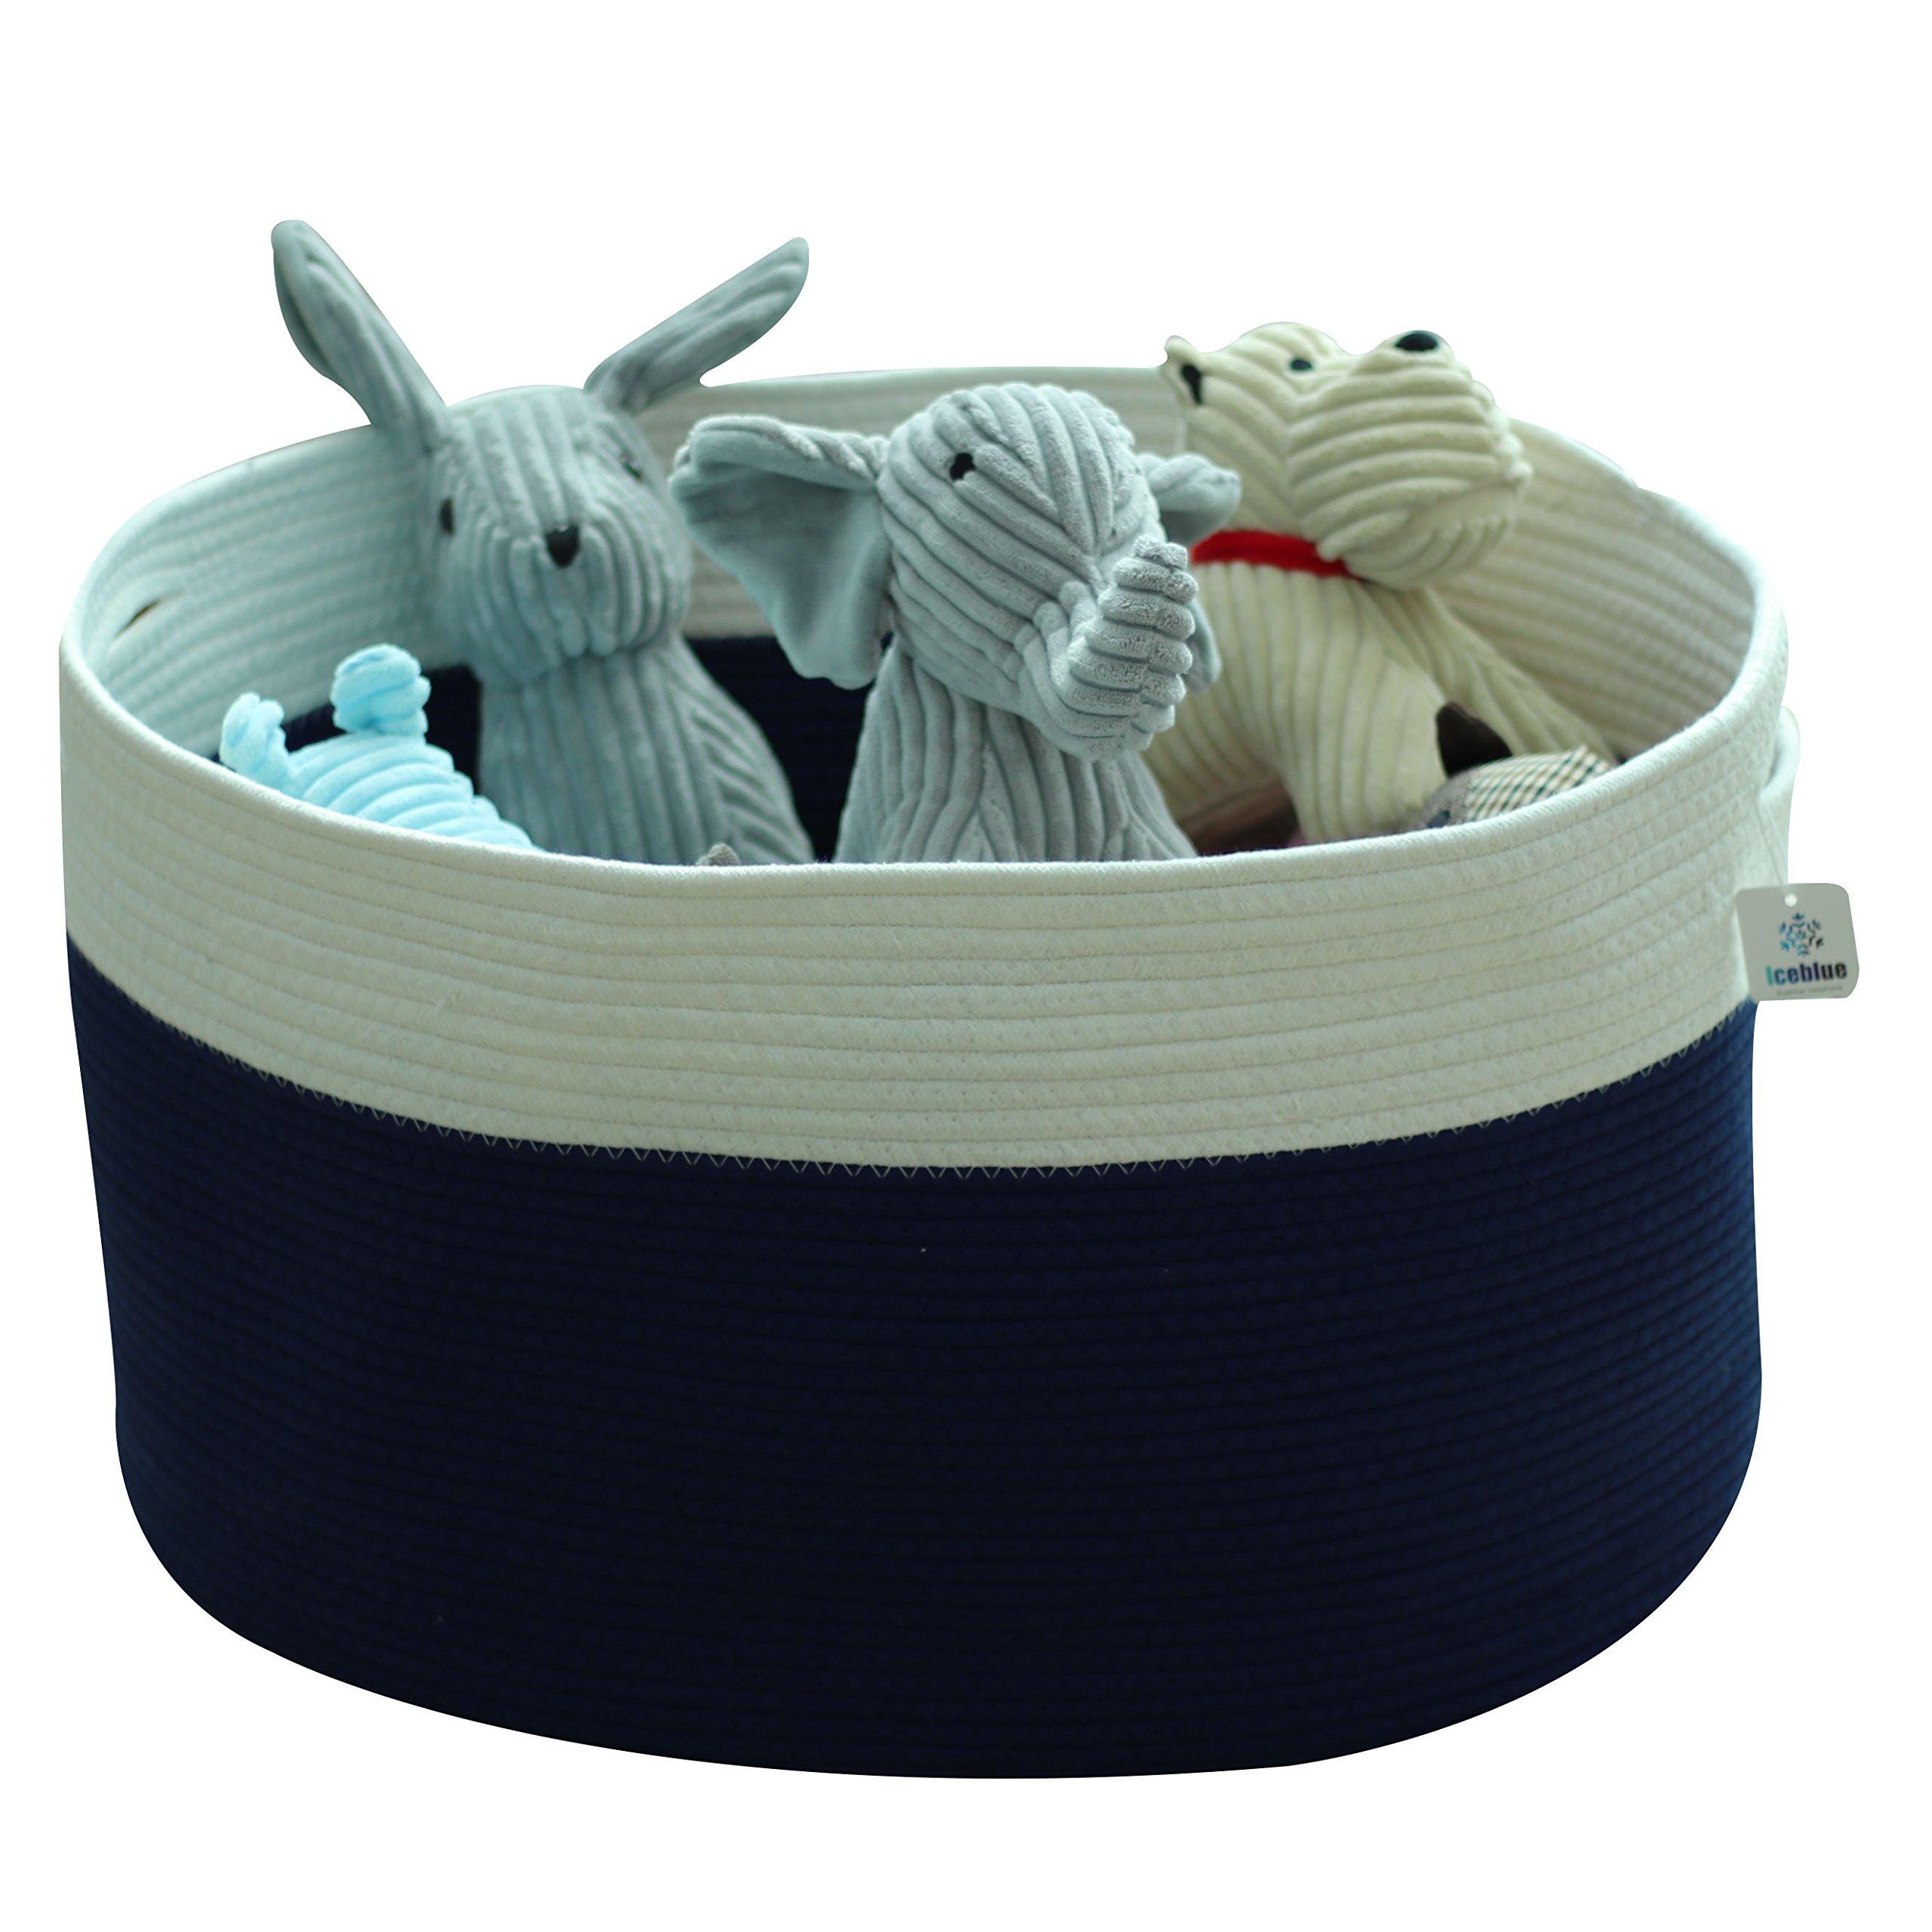 Iceblue Large Storage Bucket Cotton Rope Laundry Storage Toy Storage(Royal Blue)